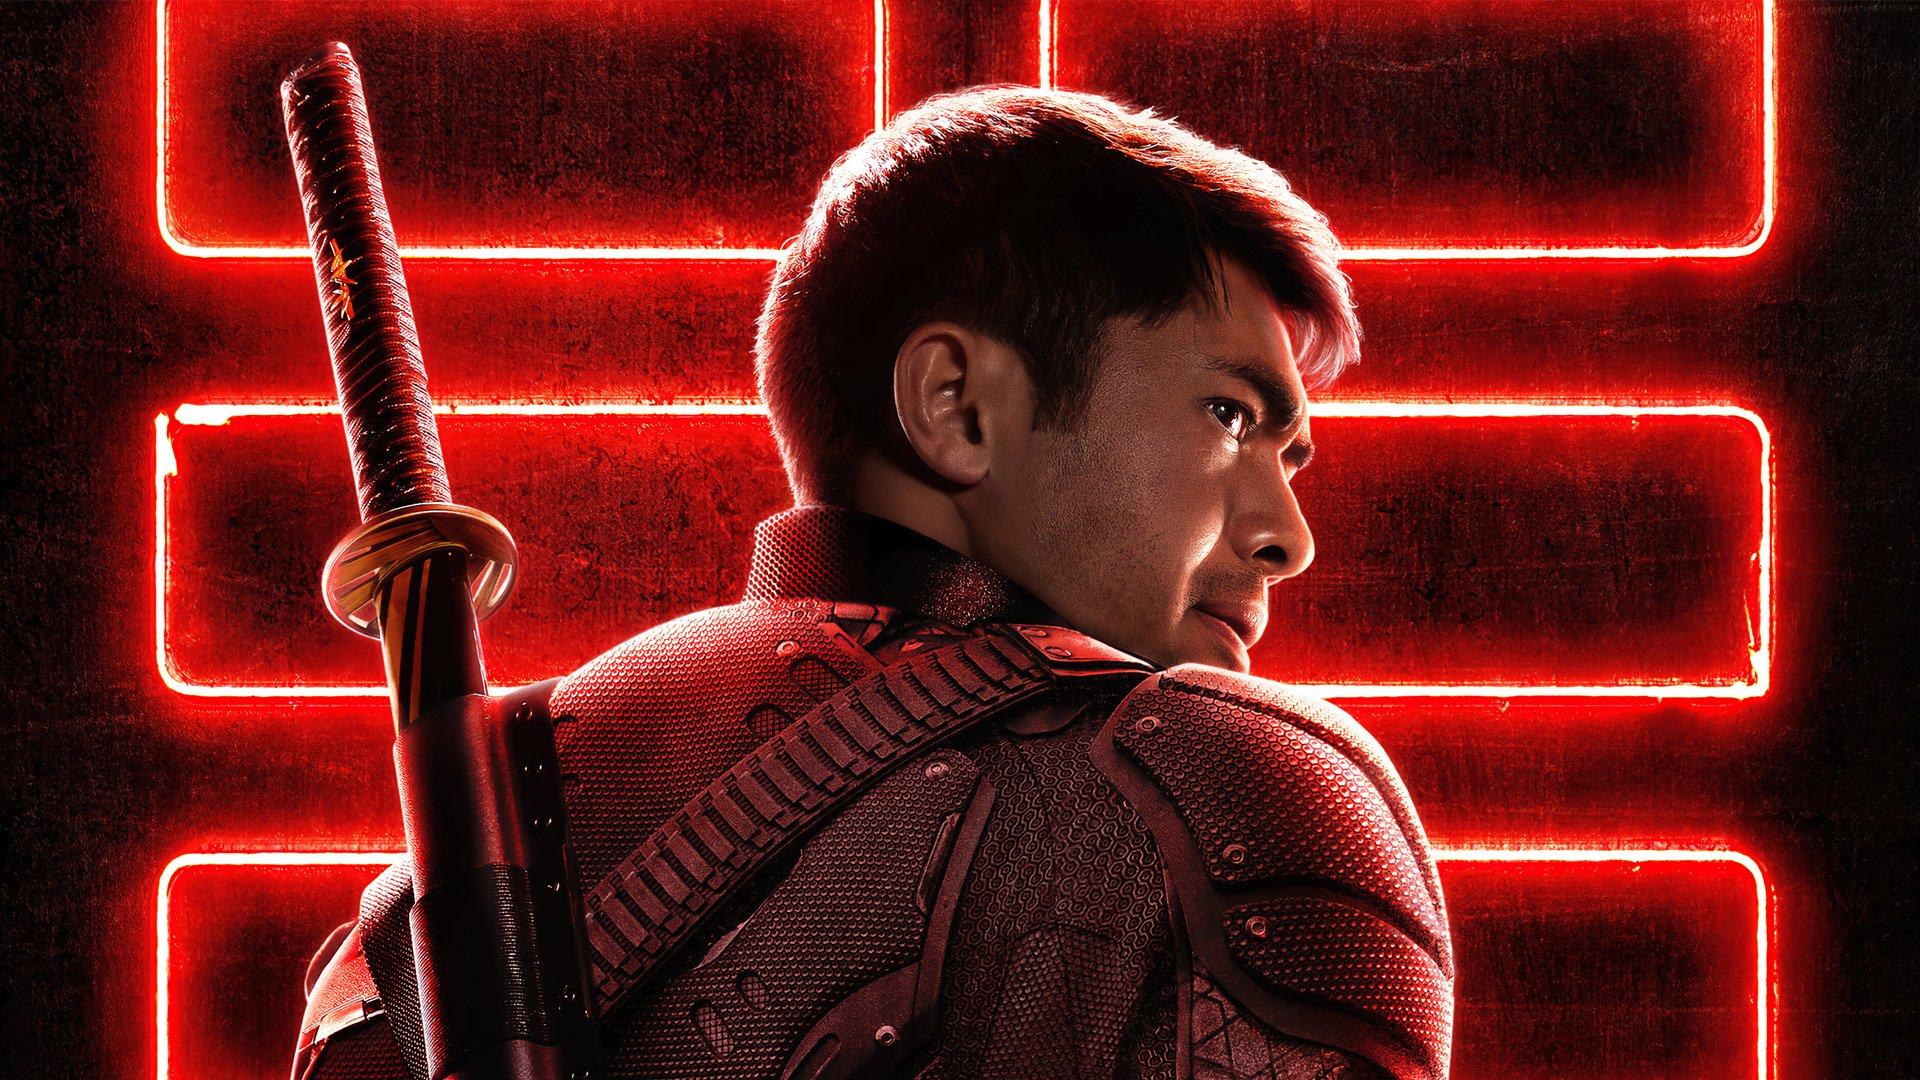 Смотри фильм G.I. Joe Бросок кобры: Снейк Айз в кинотеатре